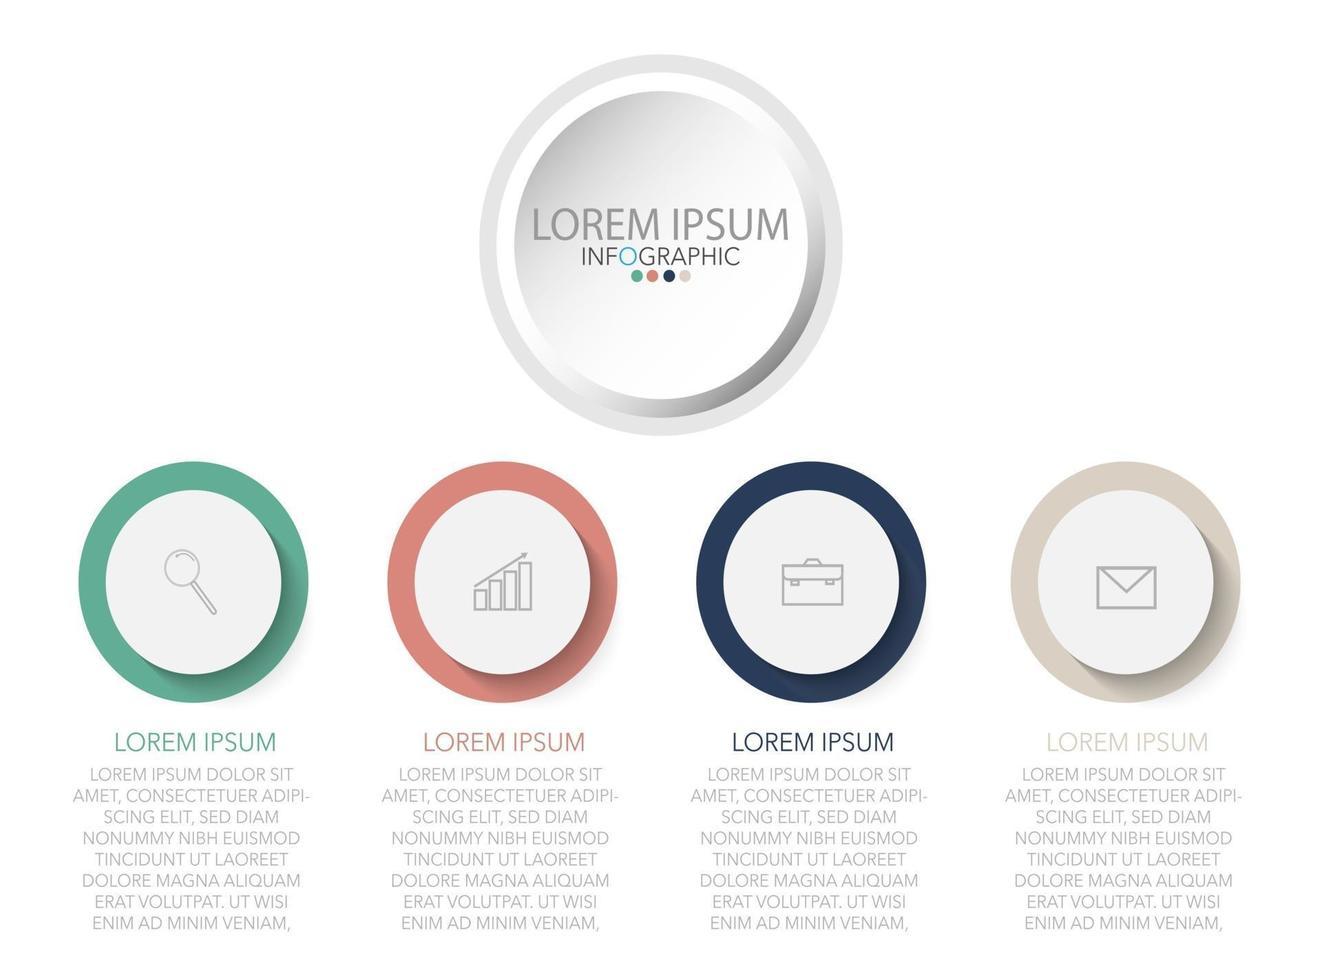 modelo de infográfico em quatro etapas, modelo para diagrama, gráfico, apresentação e gráfico. vetor